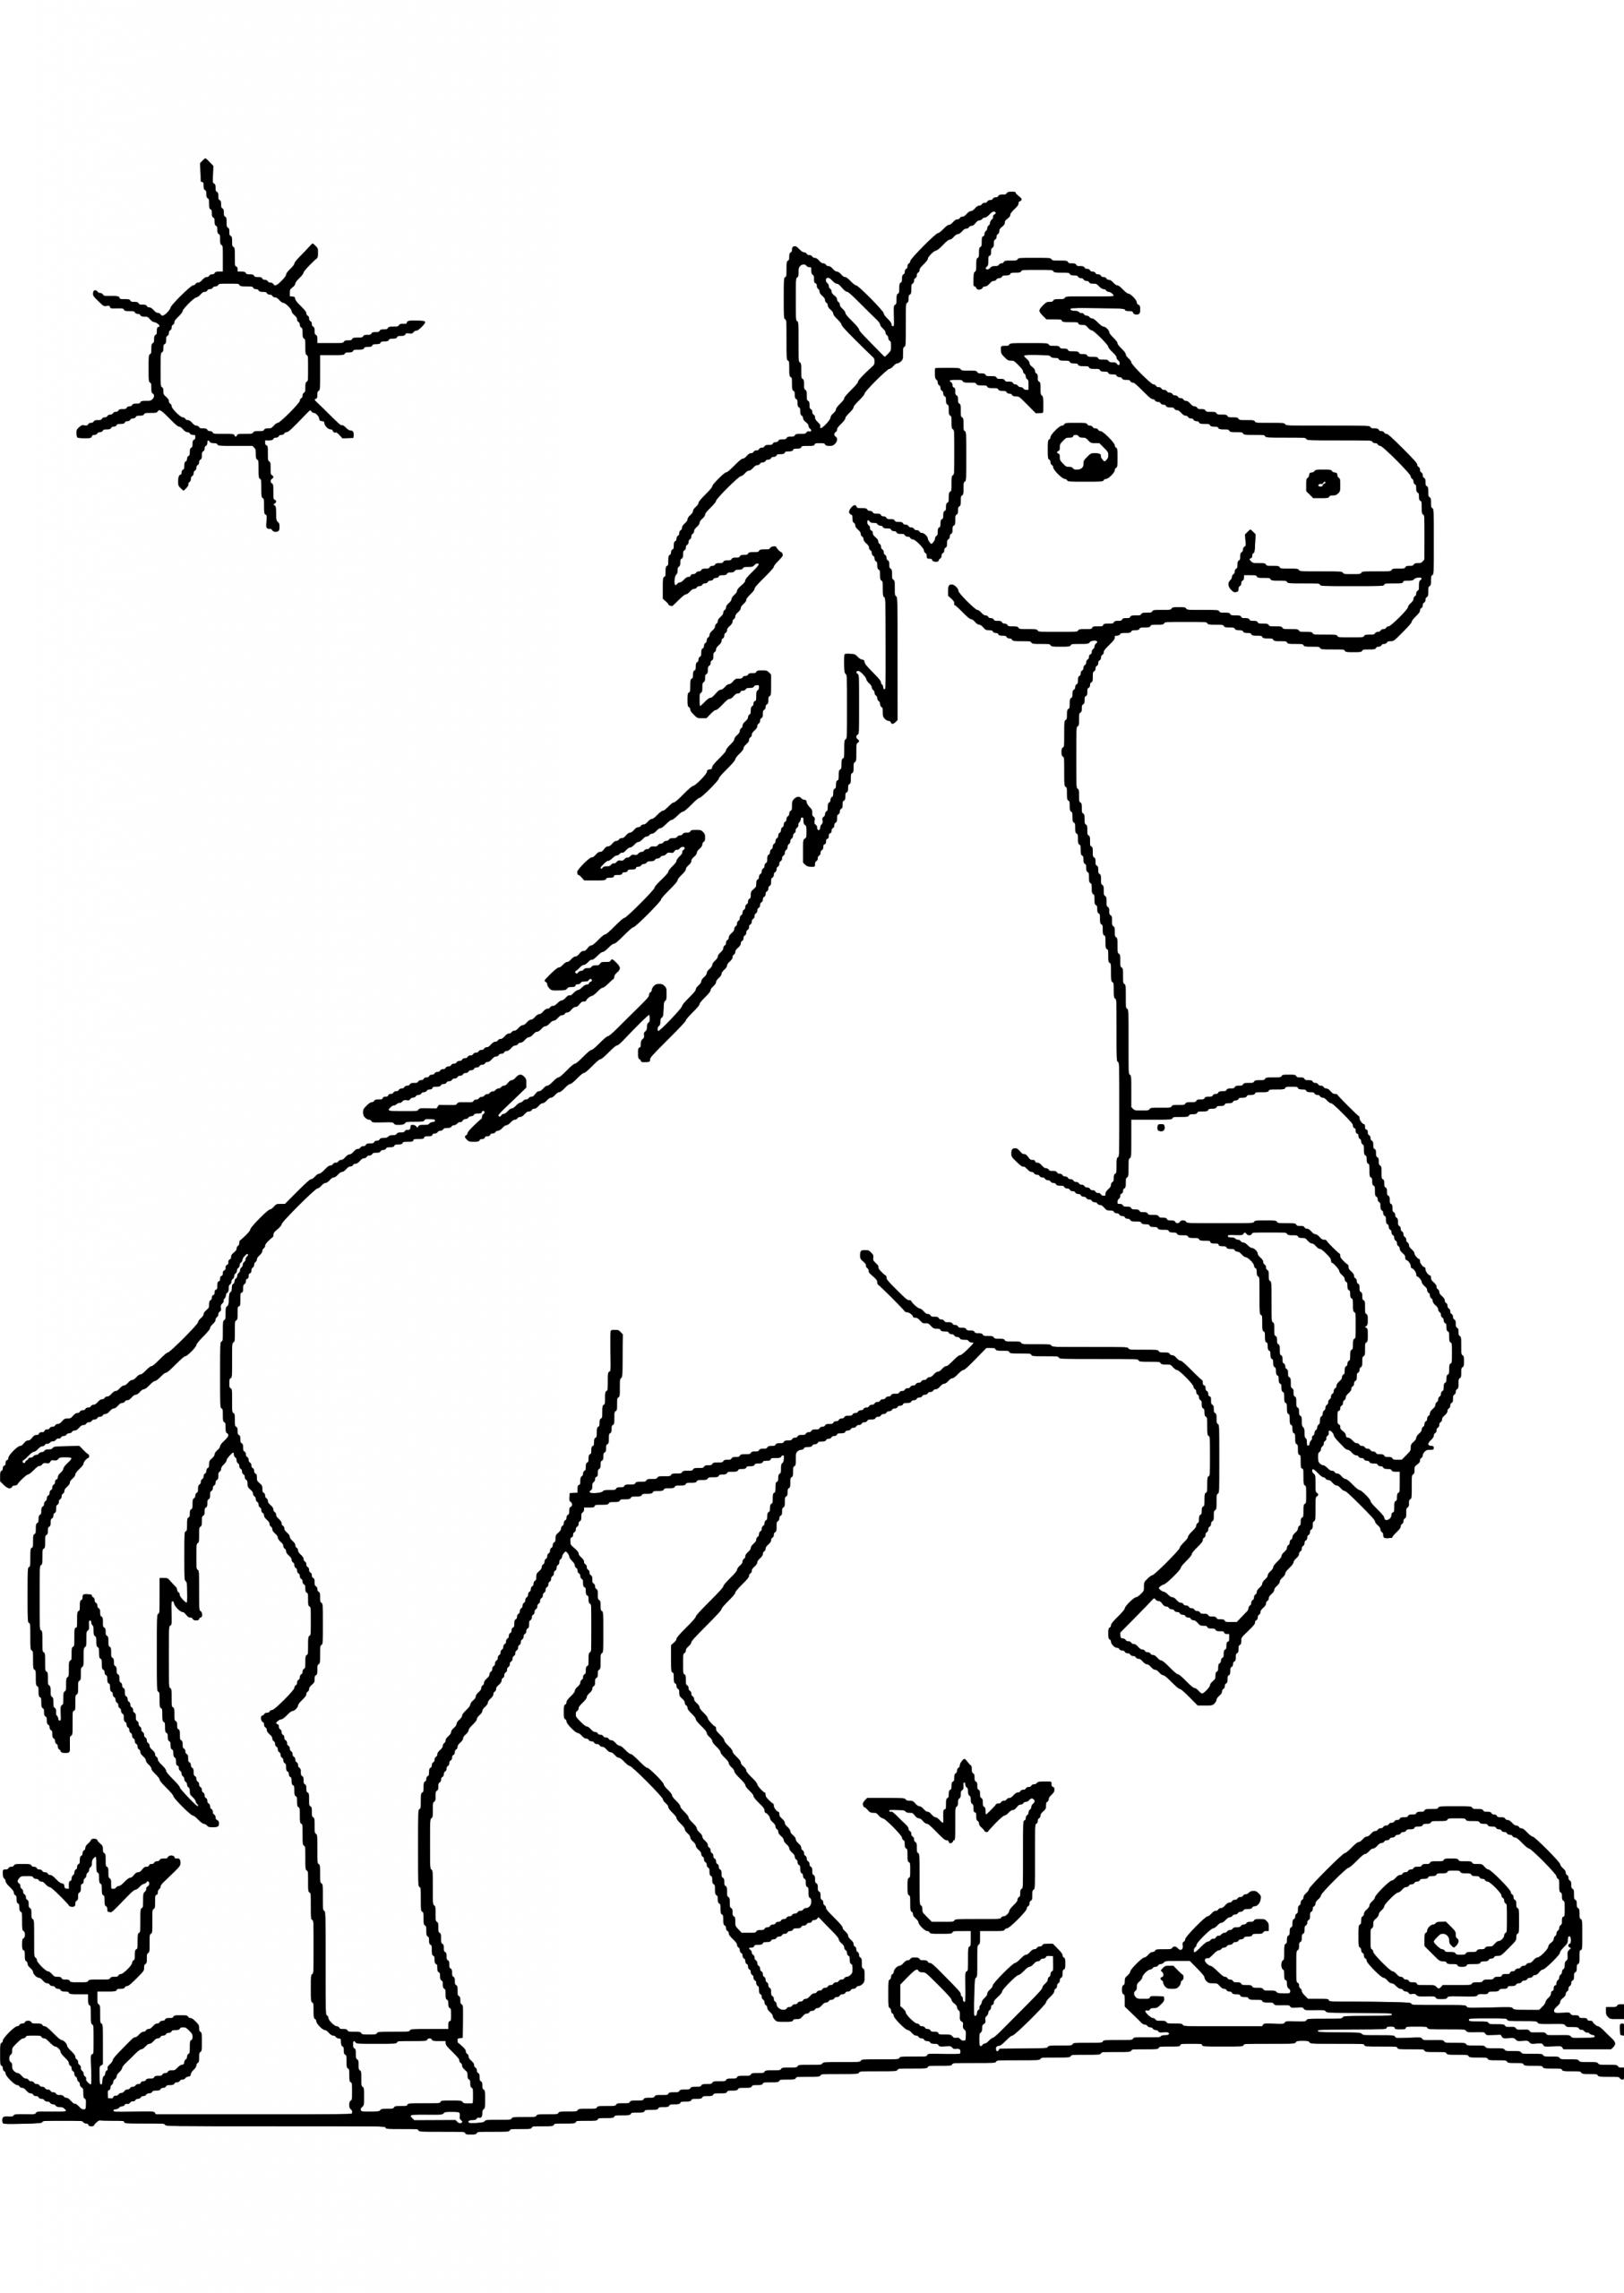 Ausmalbilder Pferde Im Schnee | Pferde Bilder Zum Ausmalen bei Pferde Bilder Zum Ausmalen Und Ausdrucken